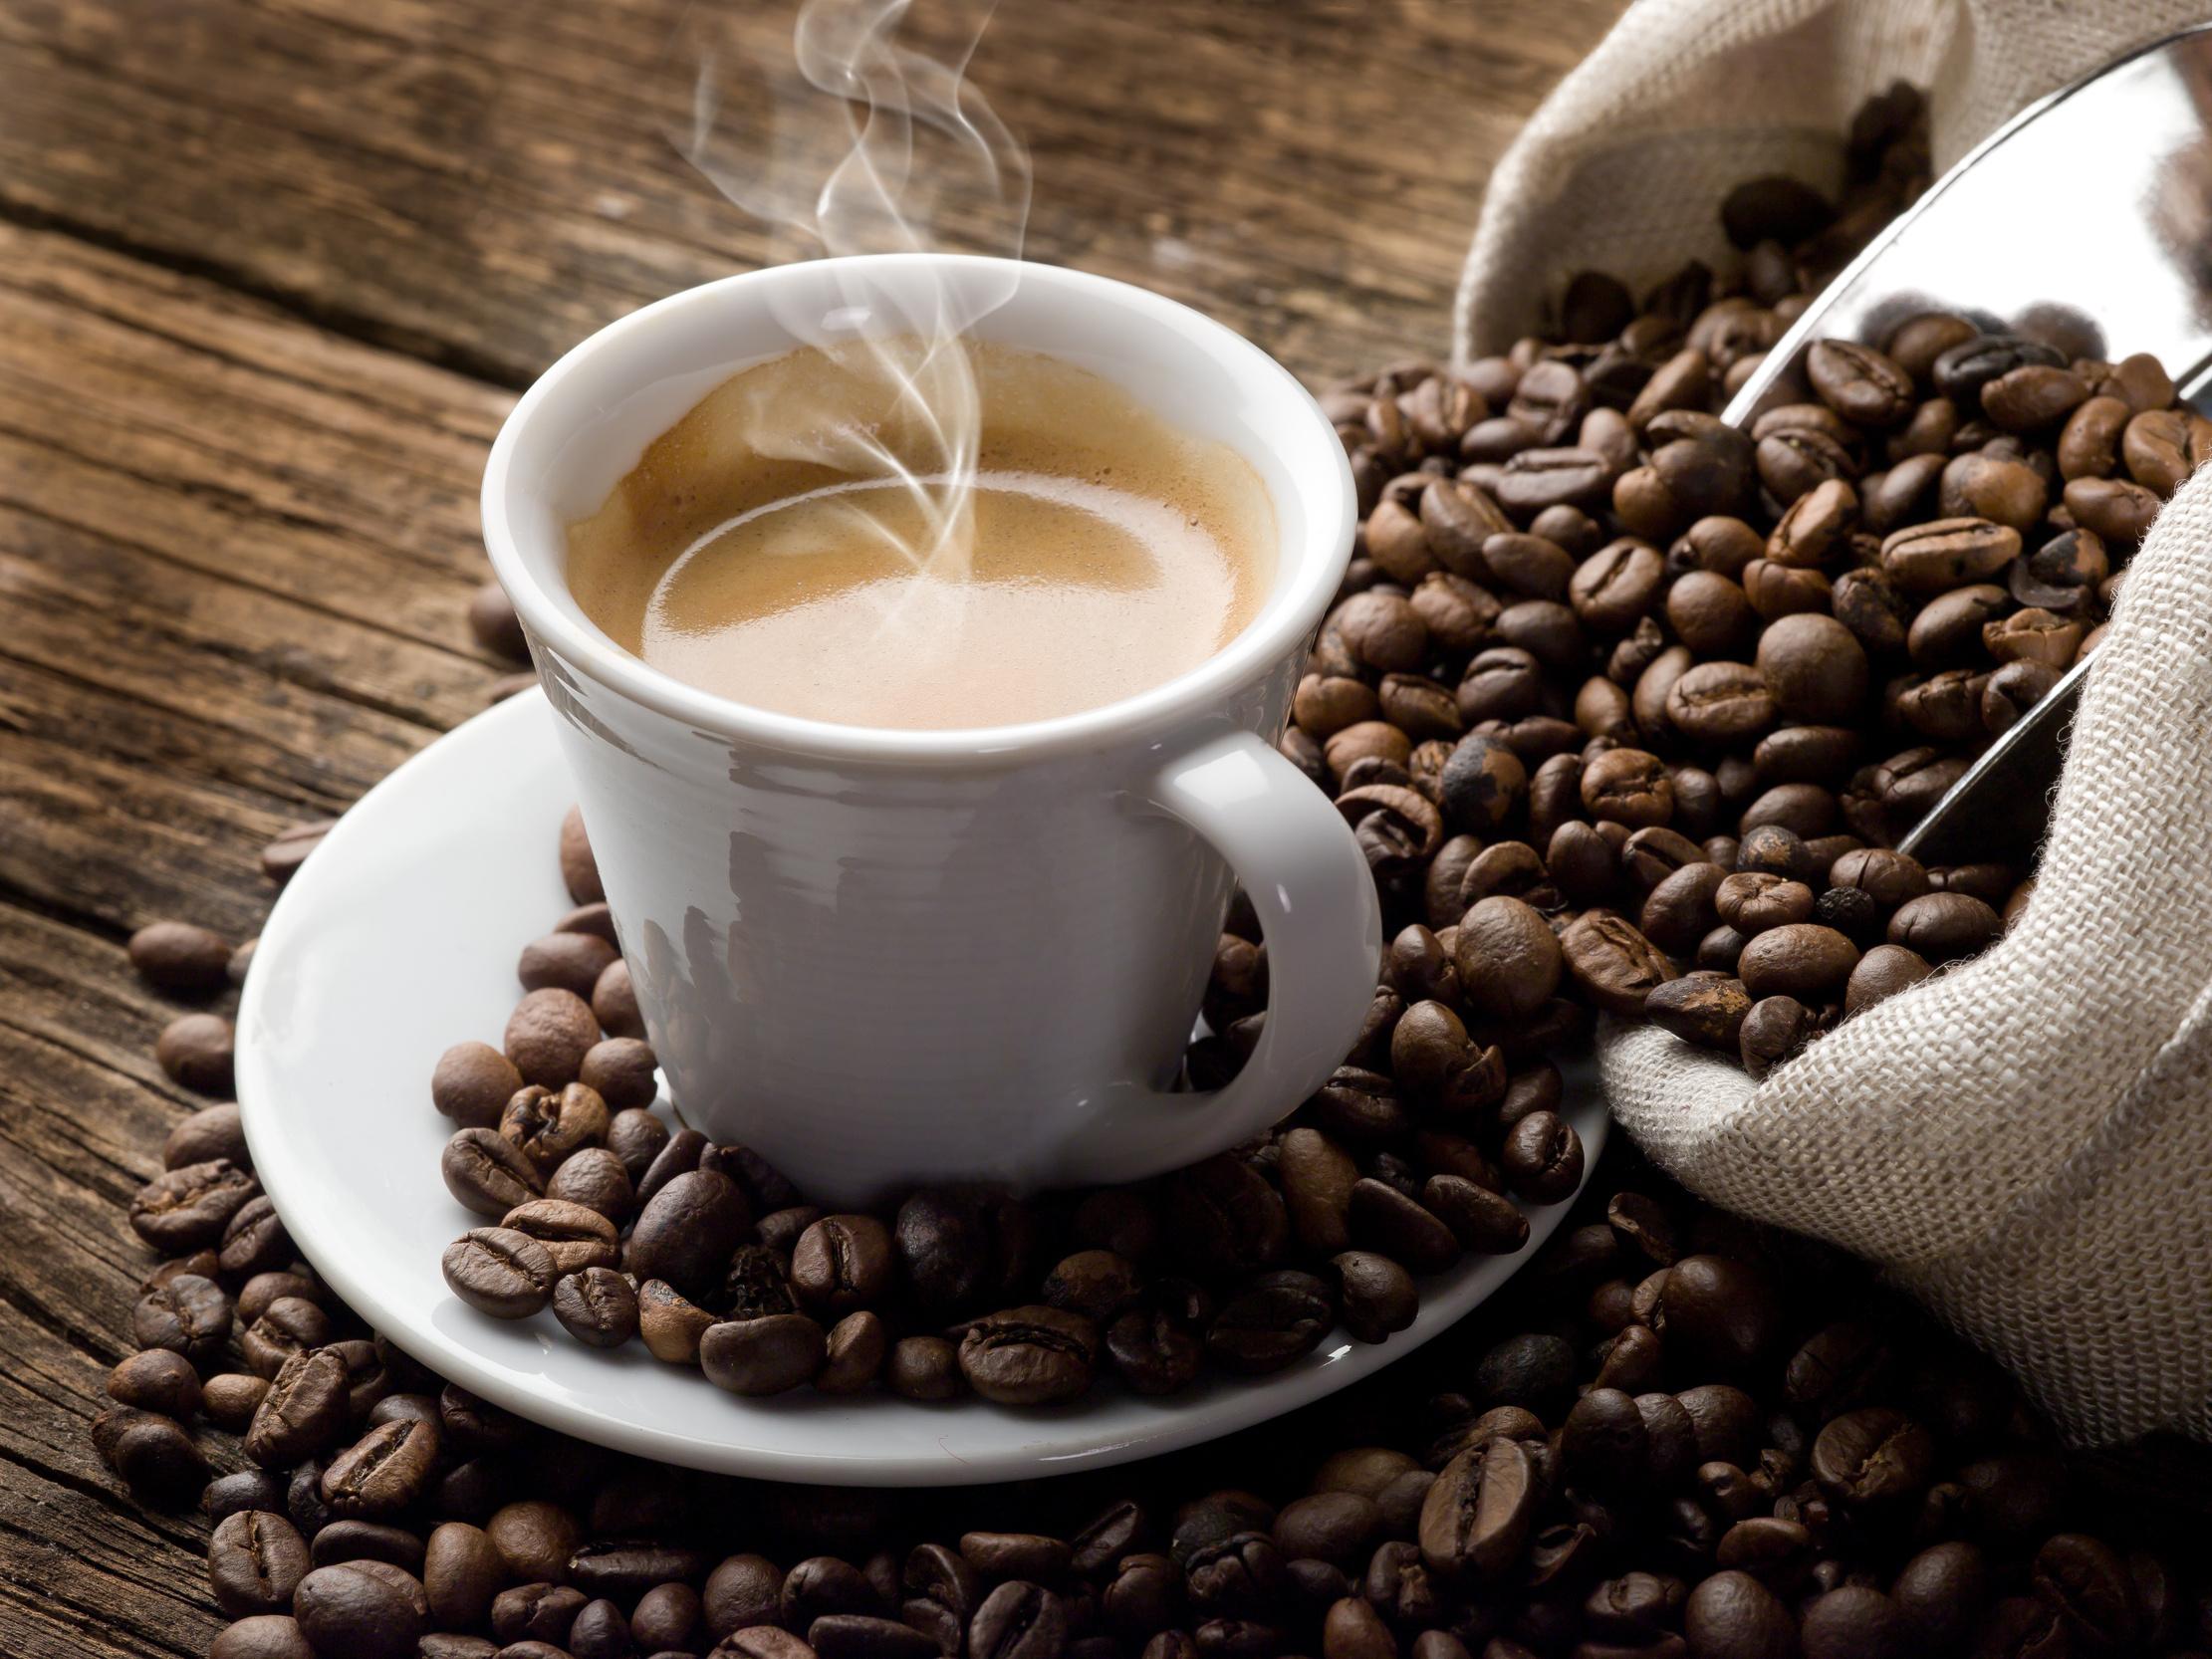 دردهای مزمن بدن. قهوه